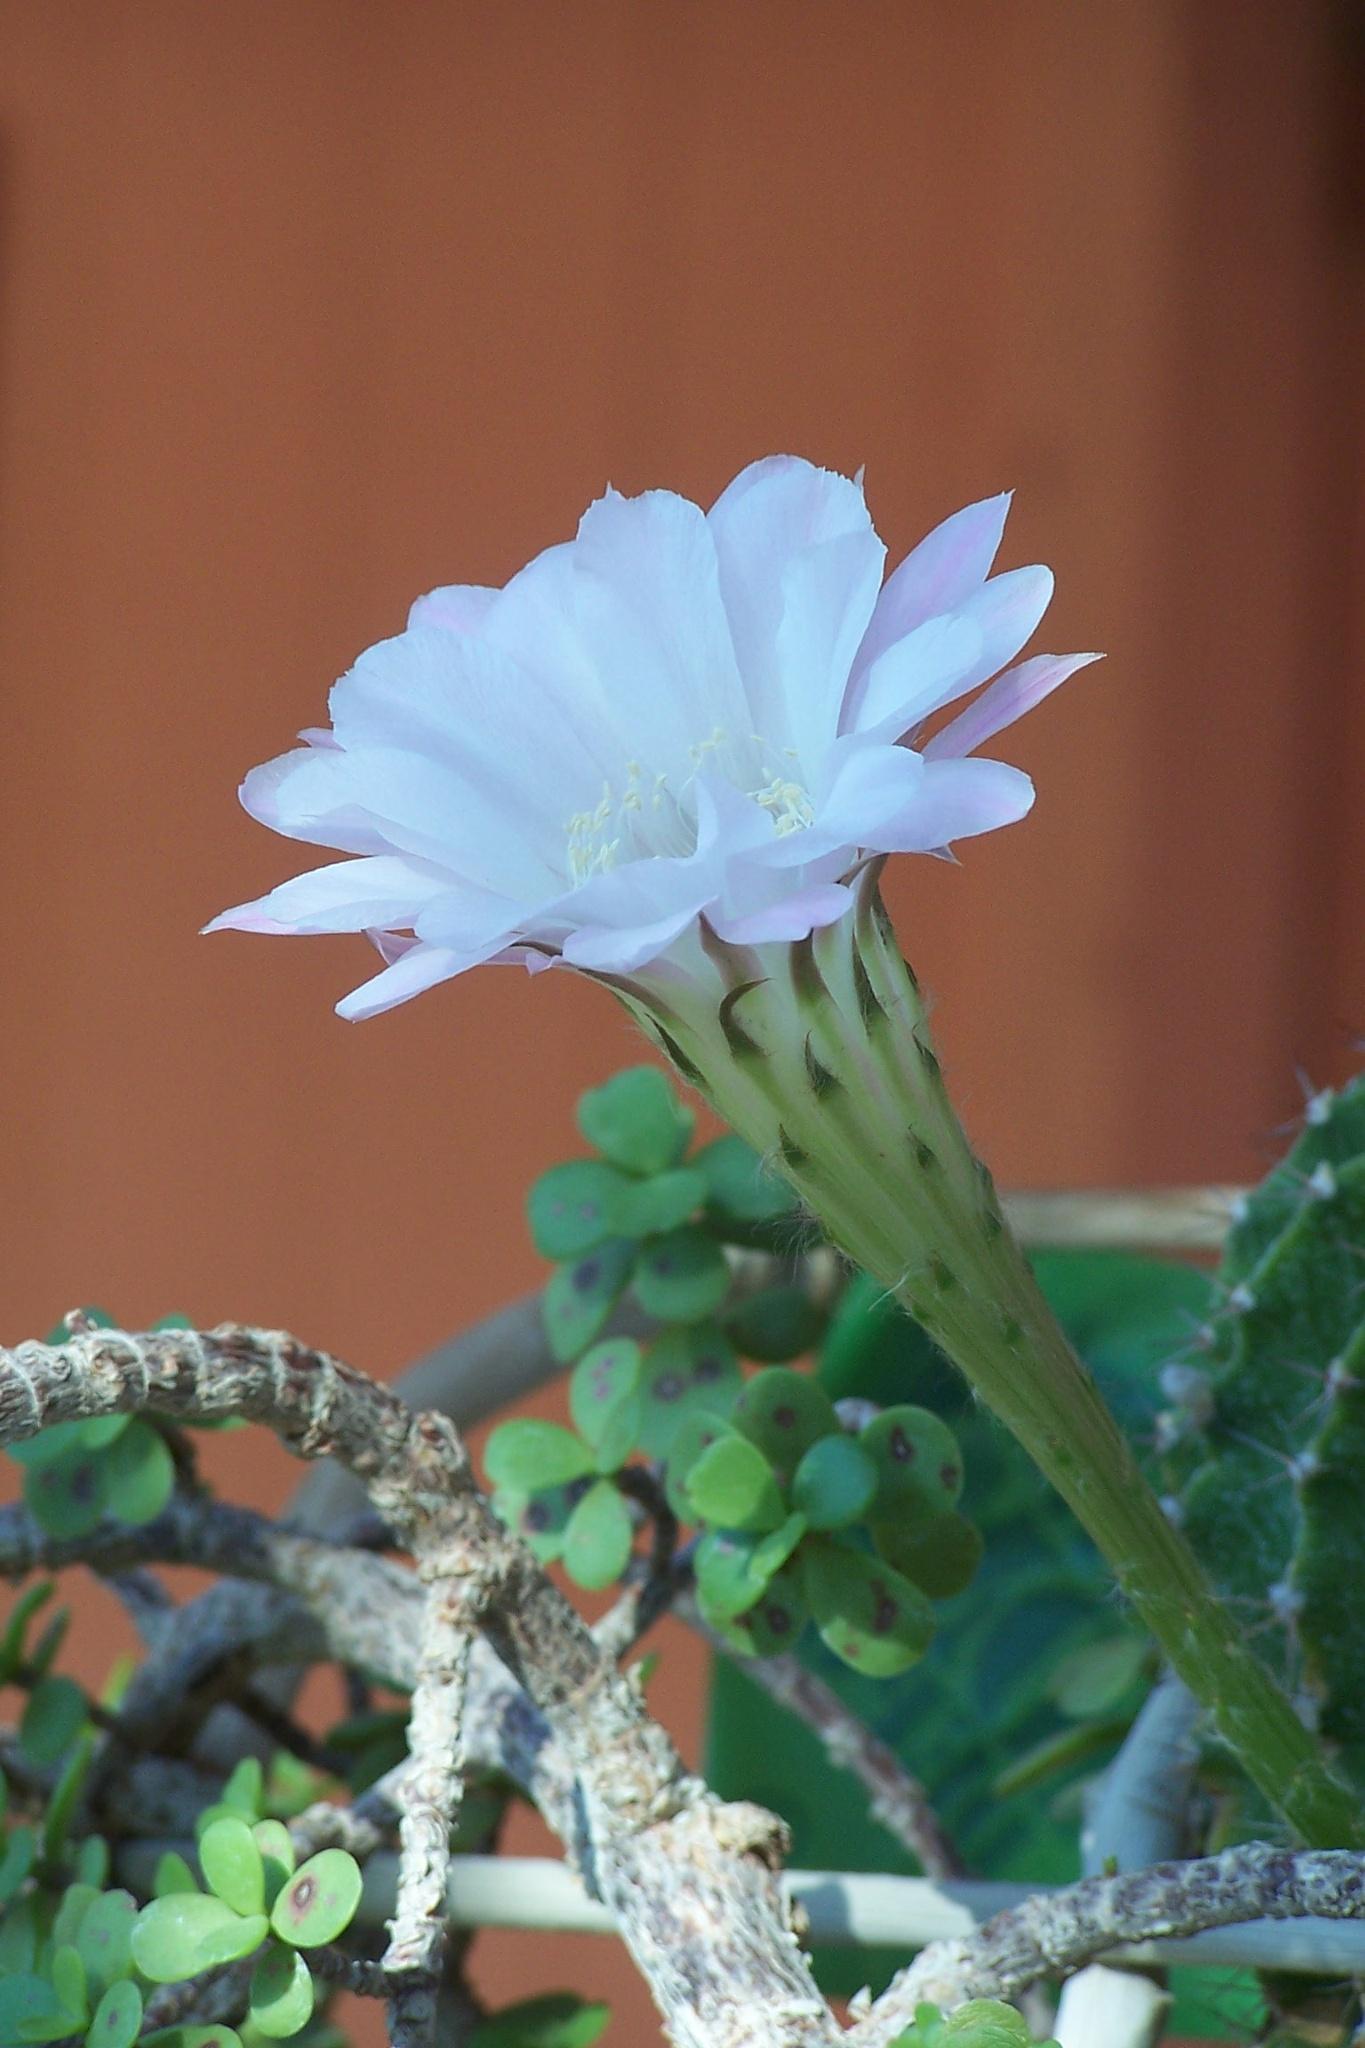 California Desert Cactus Flower by ArleenDel